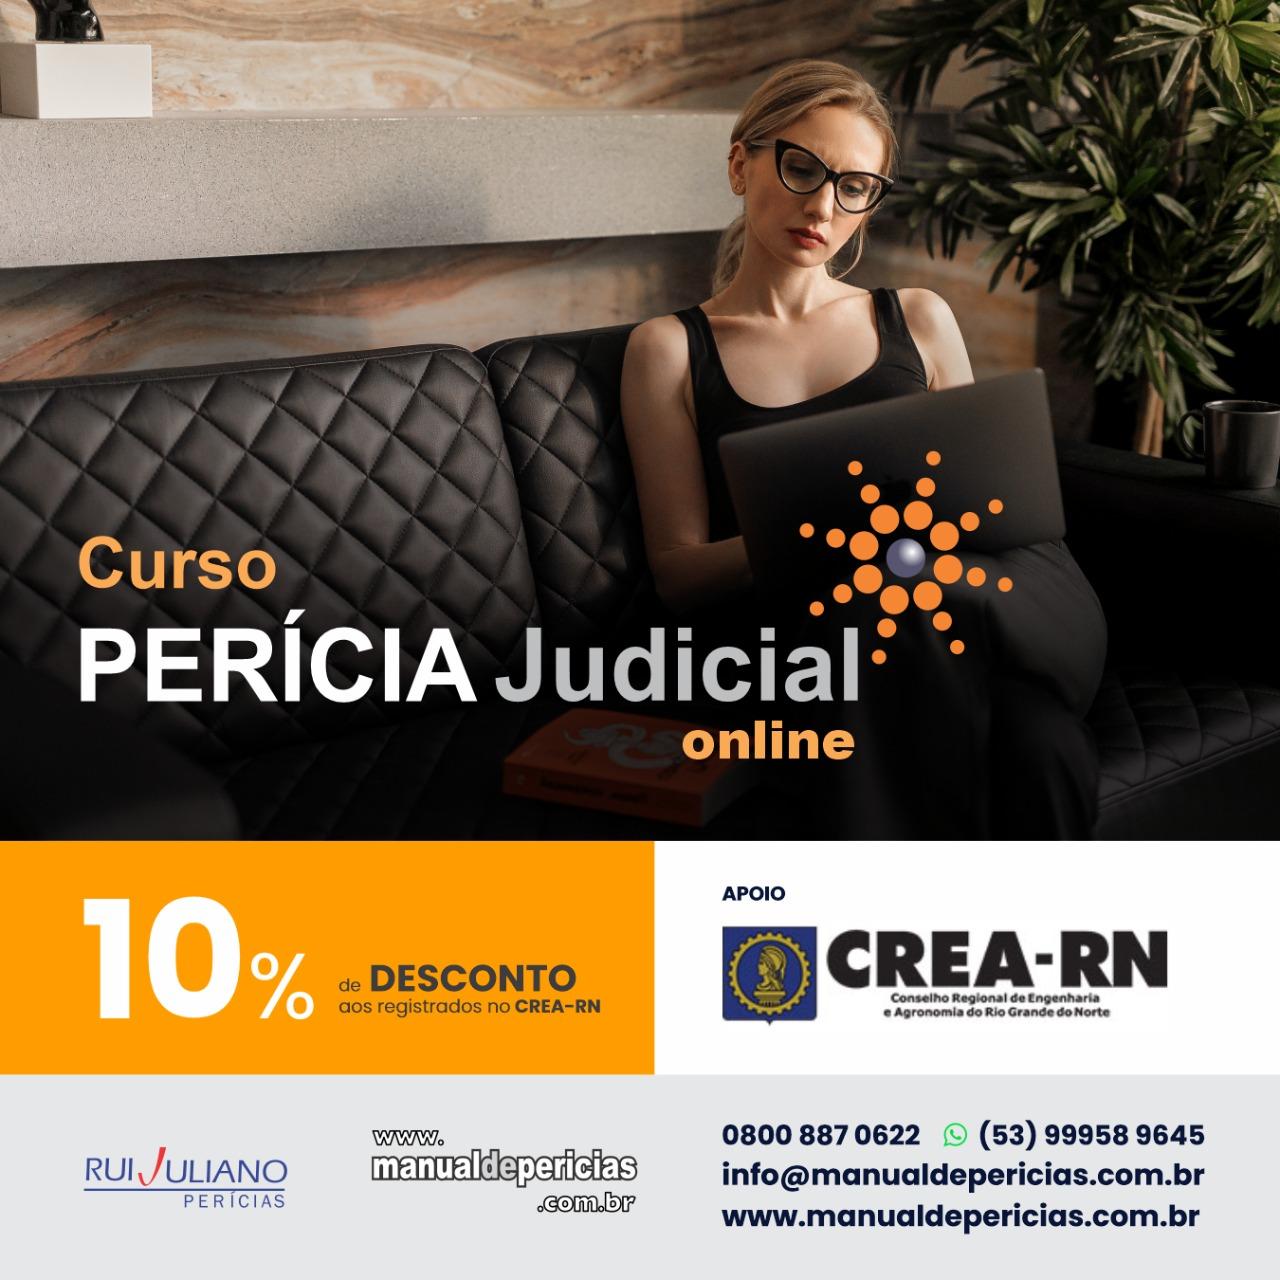 Curso Perícia Judicial Online – (RUI JULIANO)